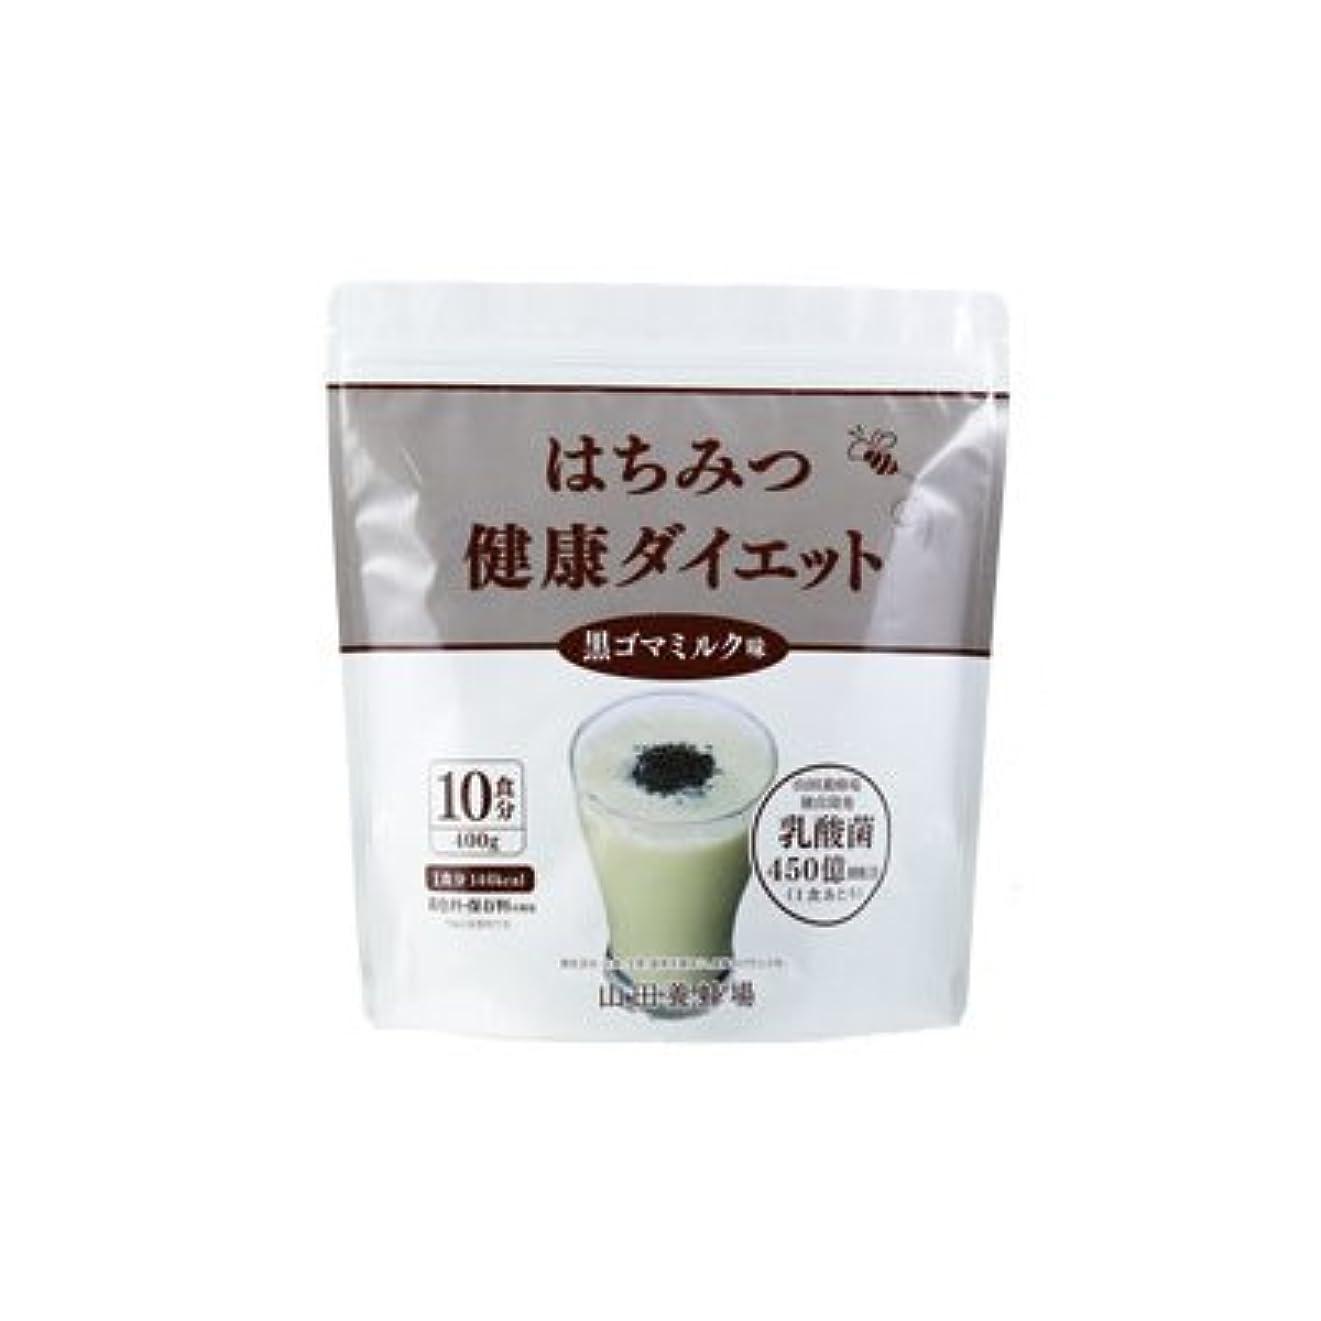 ポスト印象派イーウェル番目はちみつ健康ダイエット 【黒ごまミルク味】400g(10食分)